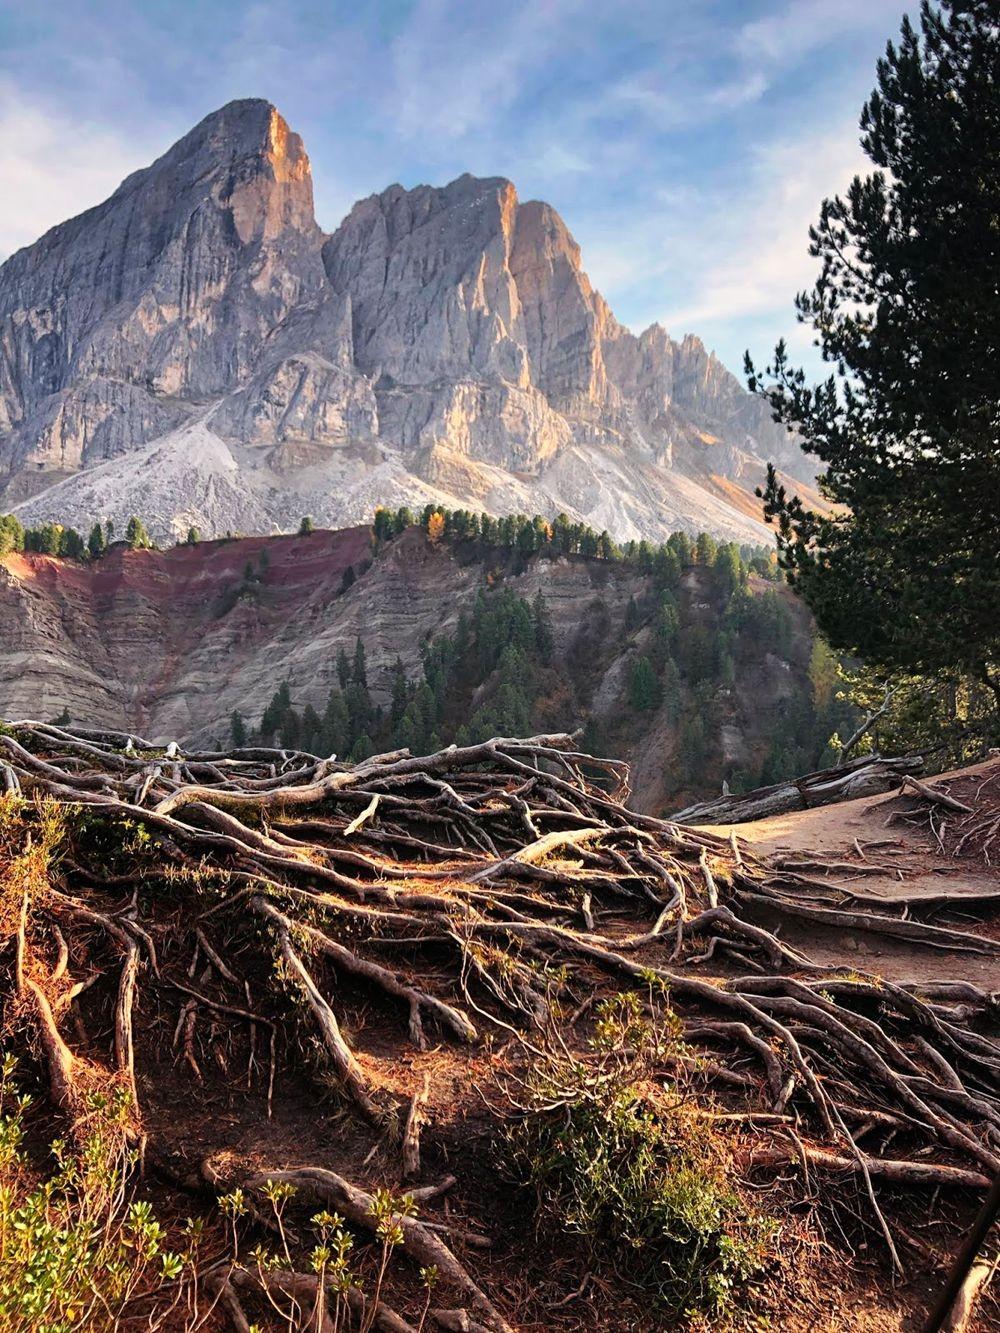 意大利多洛米蒂山脉之旅-2_图1-11